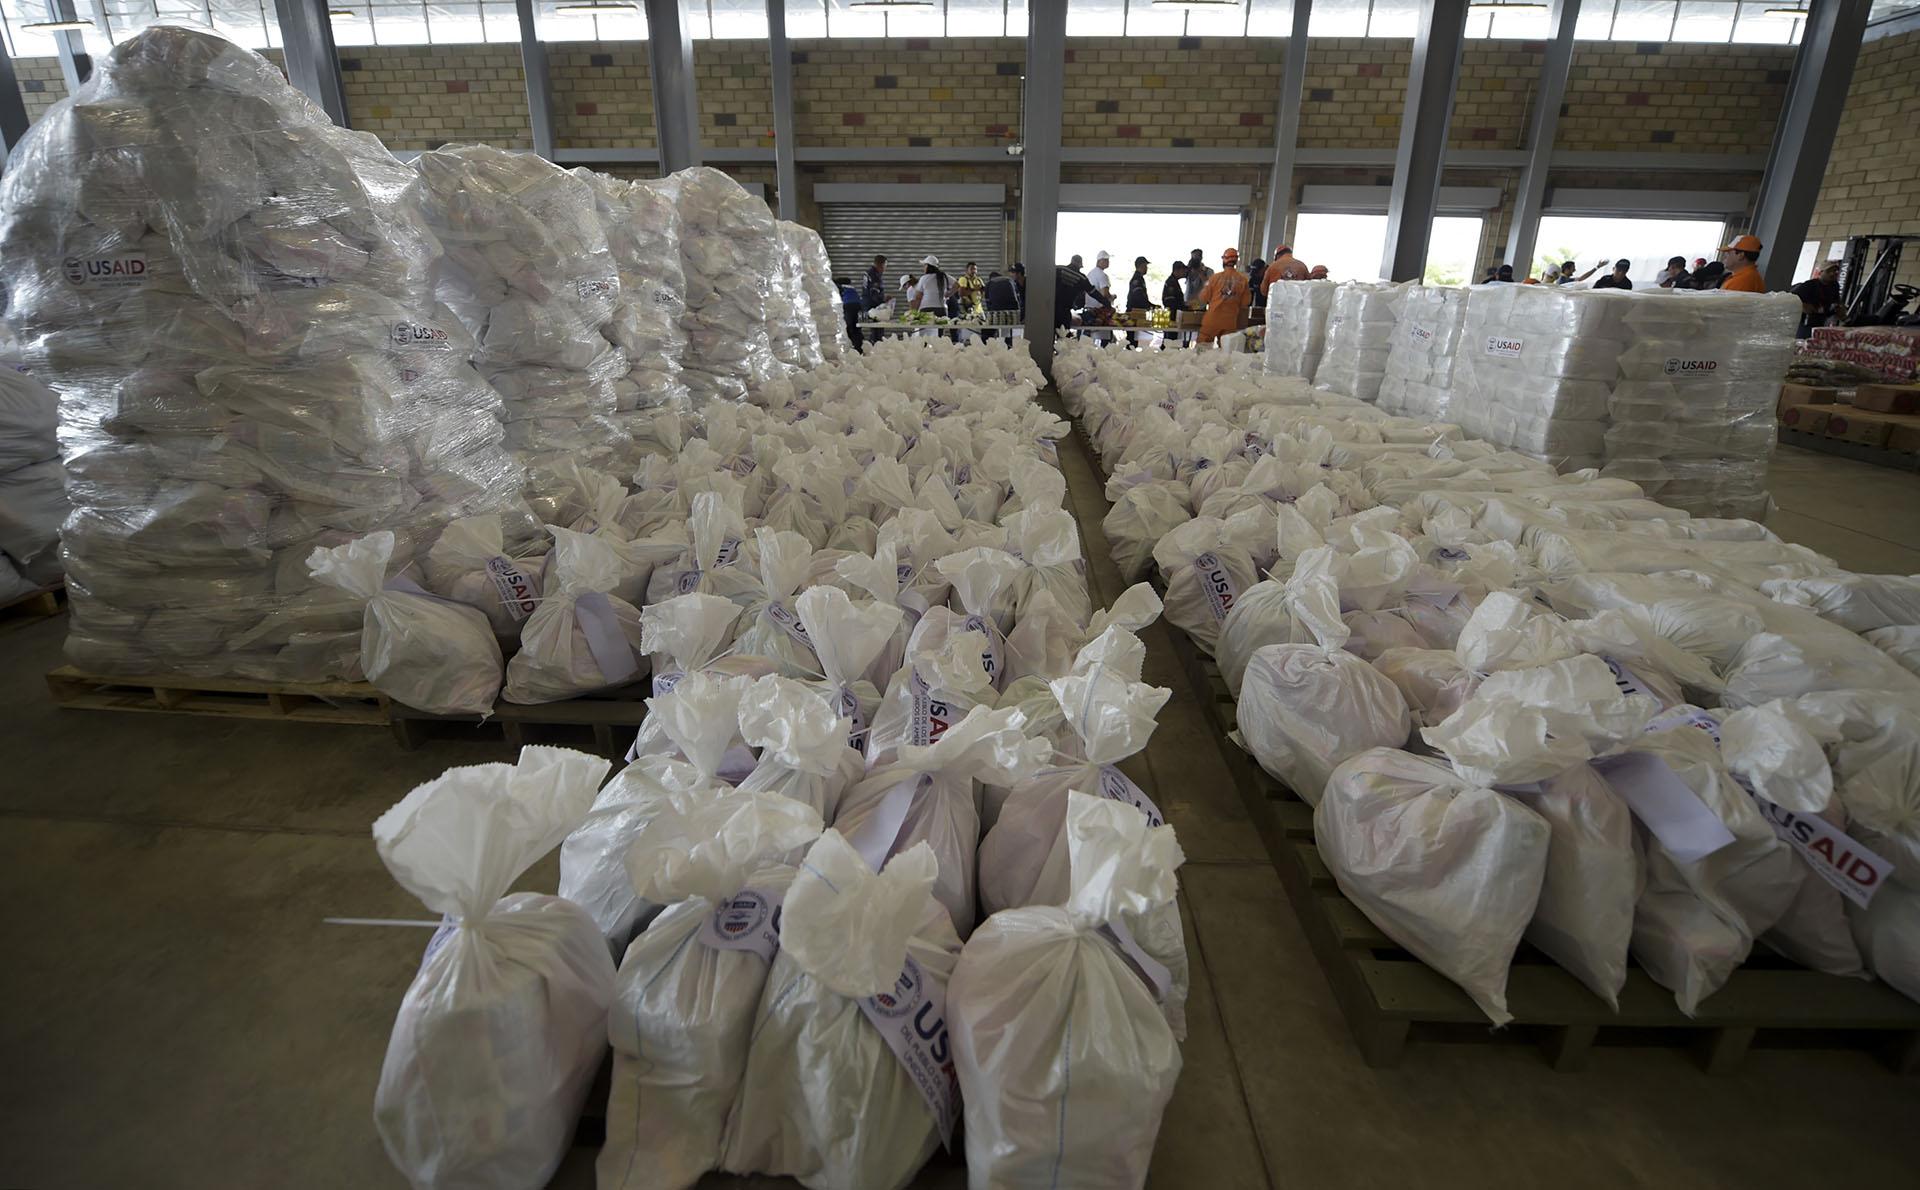 Las cajas de ayuda de emergencia fueron enviadas por la Agencia de Estados Unidos para el Desarrollo Internacional y están marcadas con etiquetas en las que aparecen las siglas en inglés de la dependencia, USAID